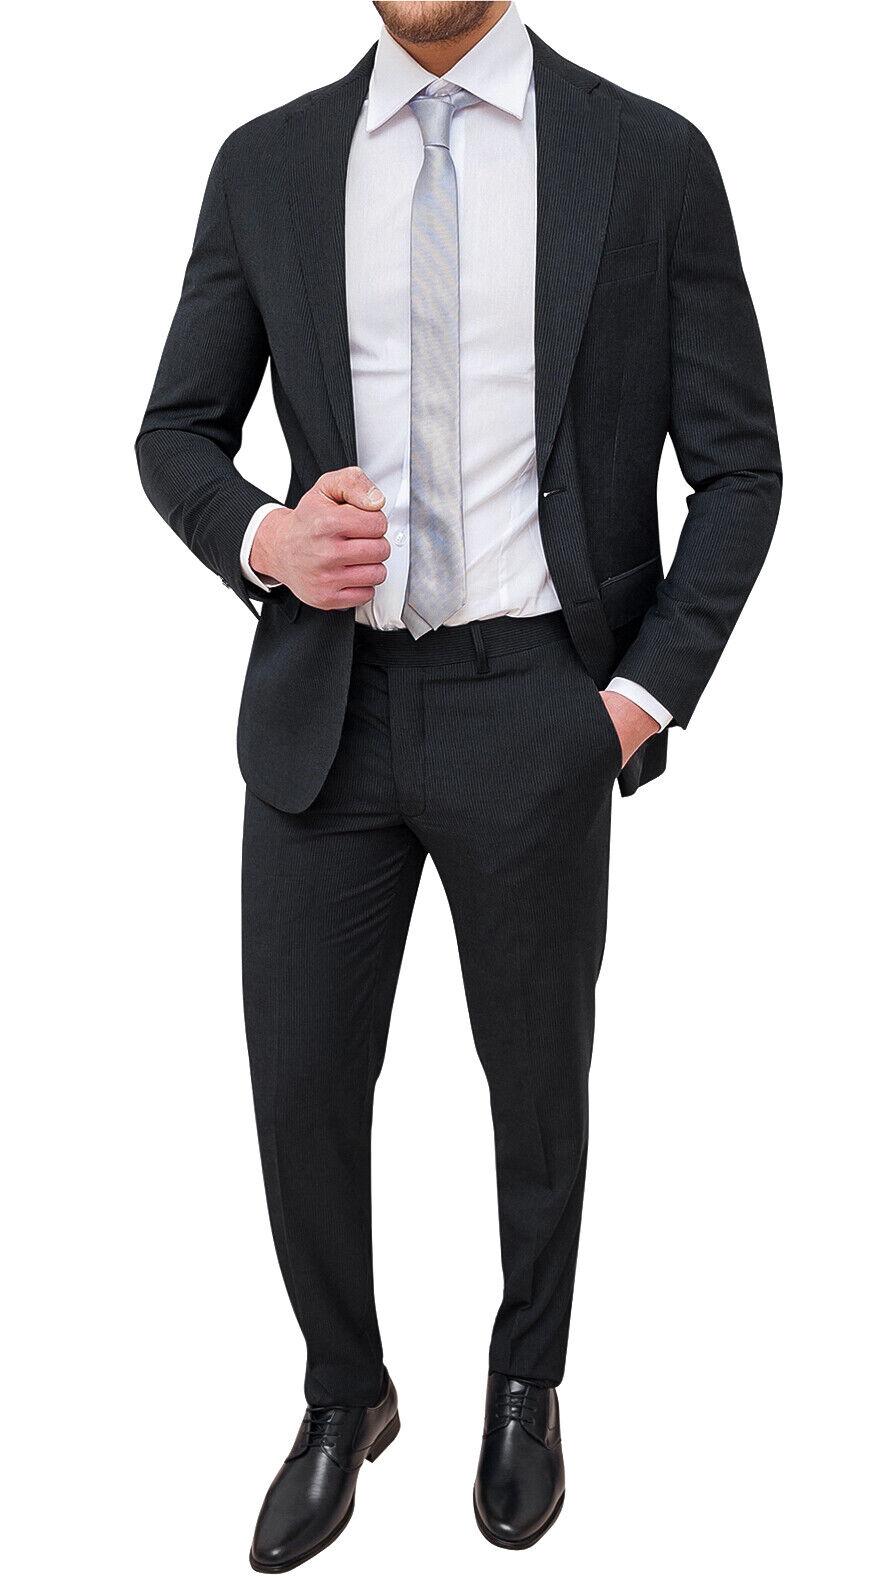 Vestiti Eleganti Uomo.Abito Completo Uomo Sartoriale Nero A Righe Vestito Gessato